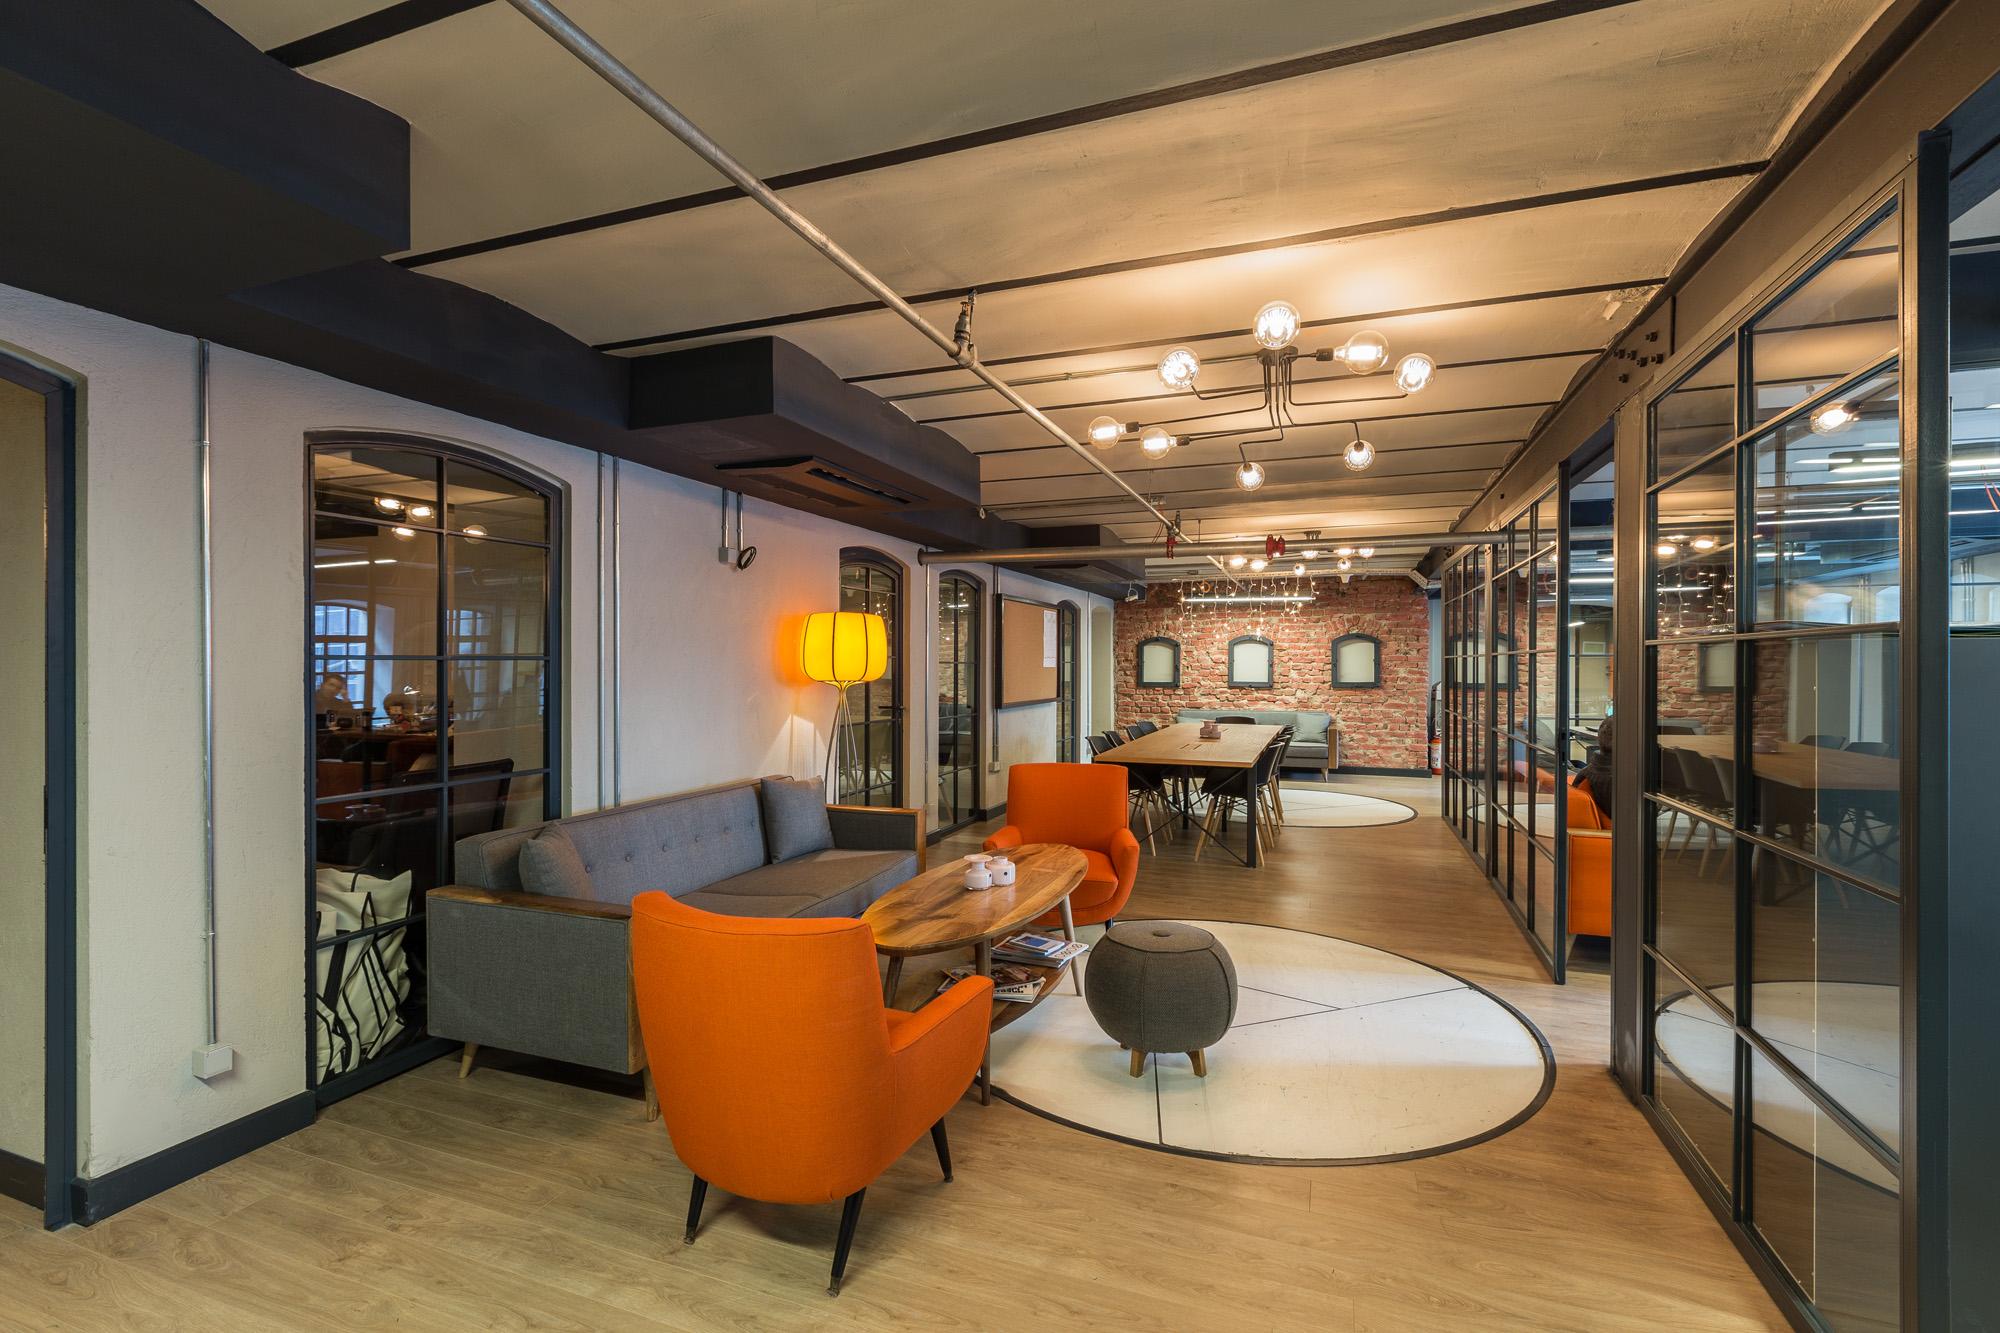 Nda case study rezzan kurt ma in interior design for Case interior design